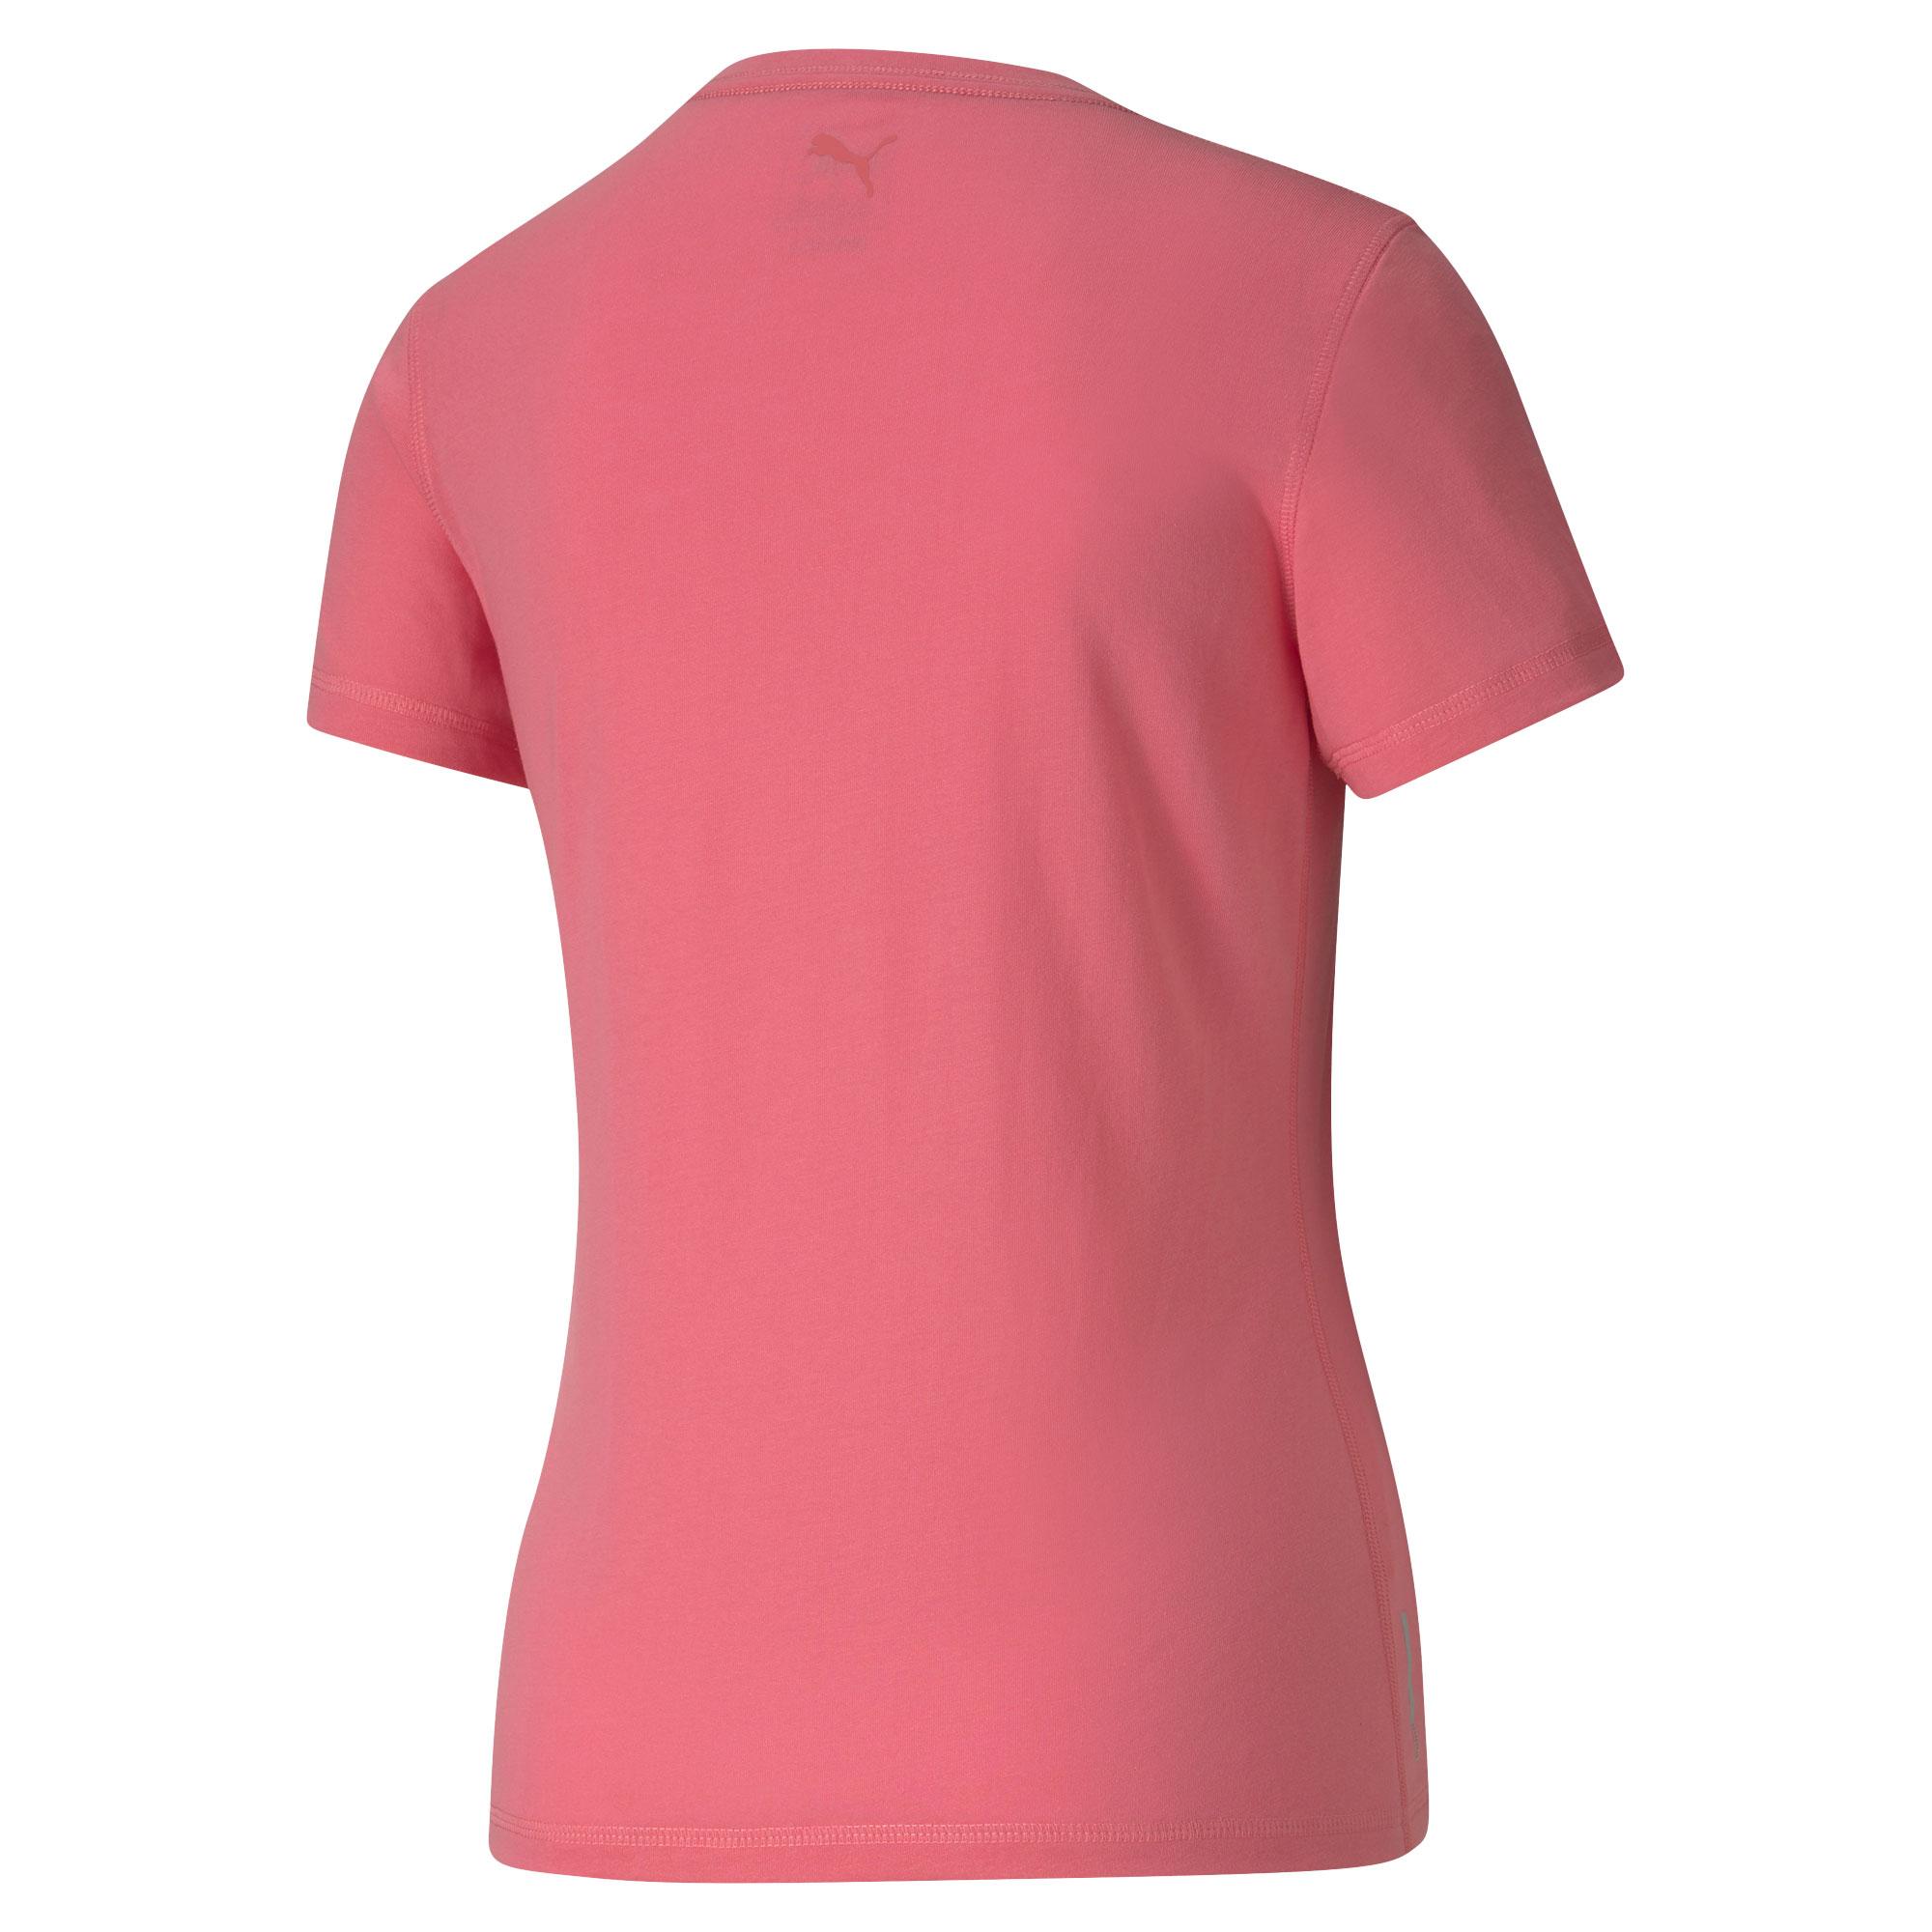 Puma Women's Graphic Crew Tee Running Training Shirt 518969-10